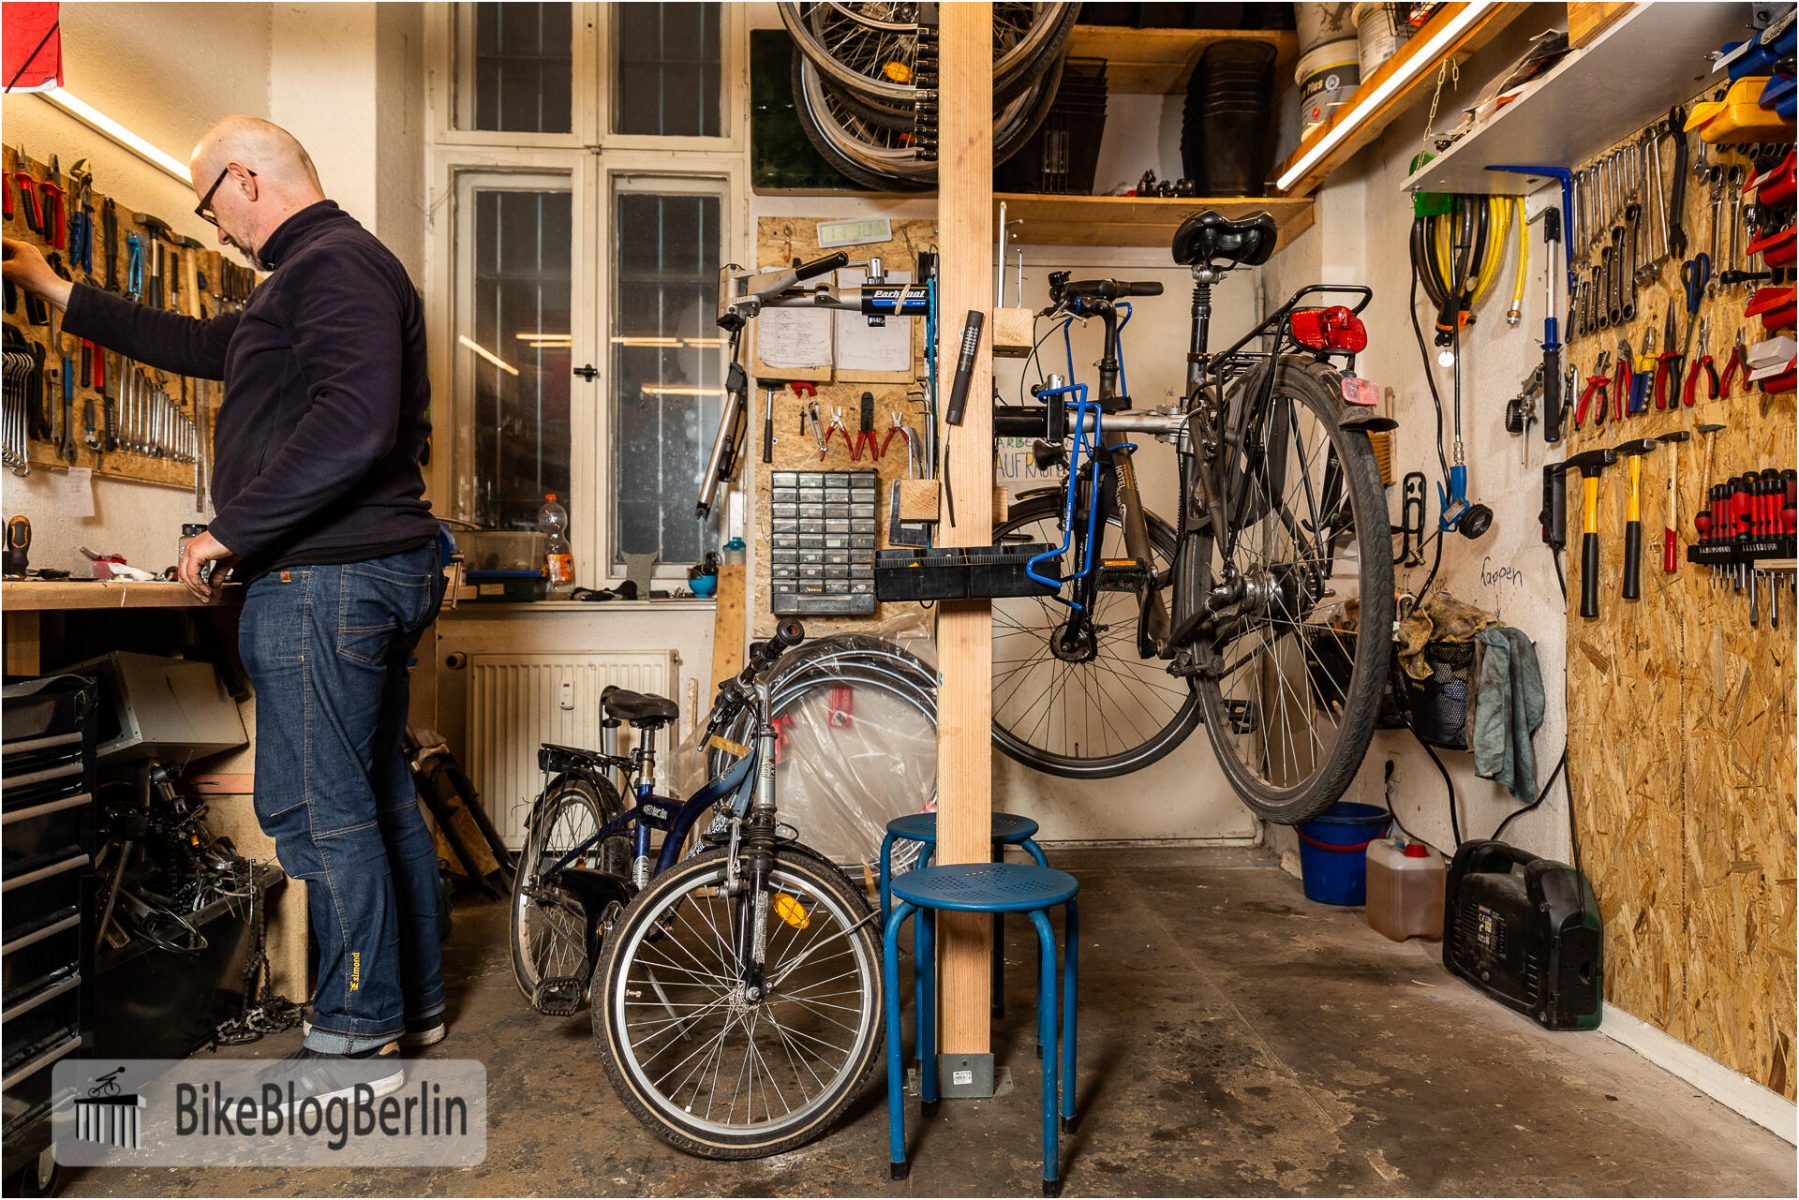 Die Werkstatt von Berlin Bike Tour. Sven steht an einer Werkbank an der linken Seite. In der Mitte ein Montageständer, auf der rechten Seite wartet ein Fahrrad auf die Reparatur.